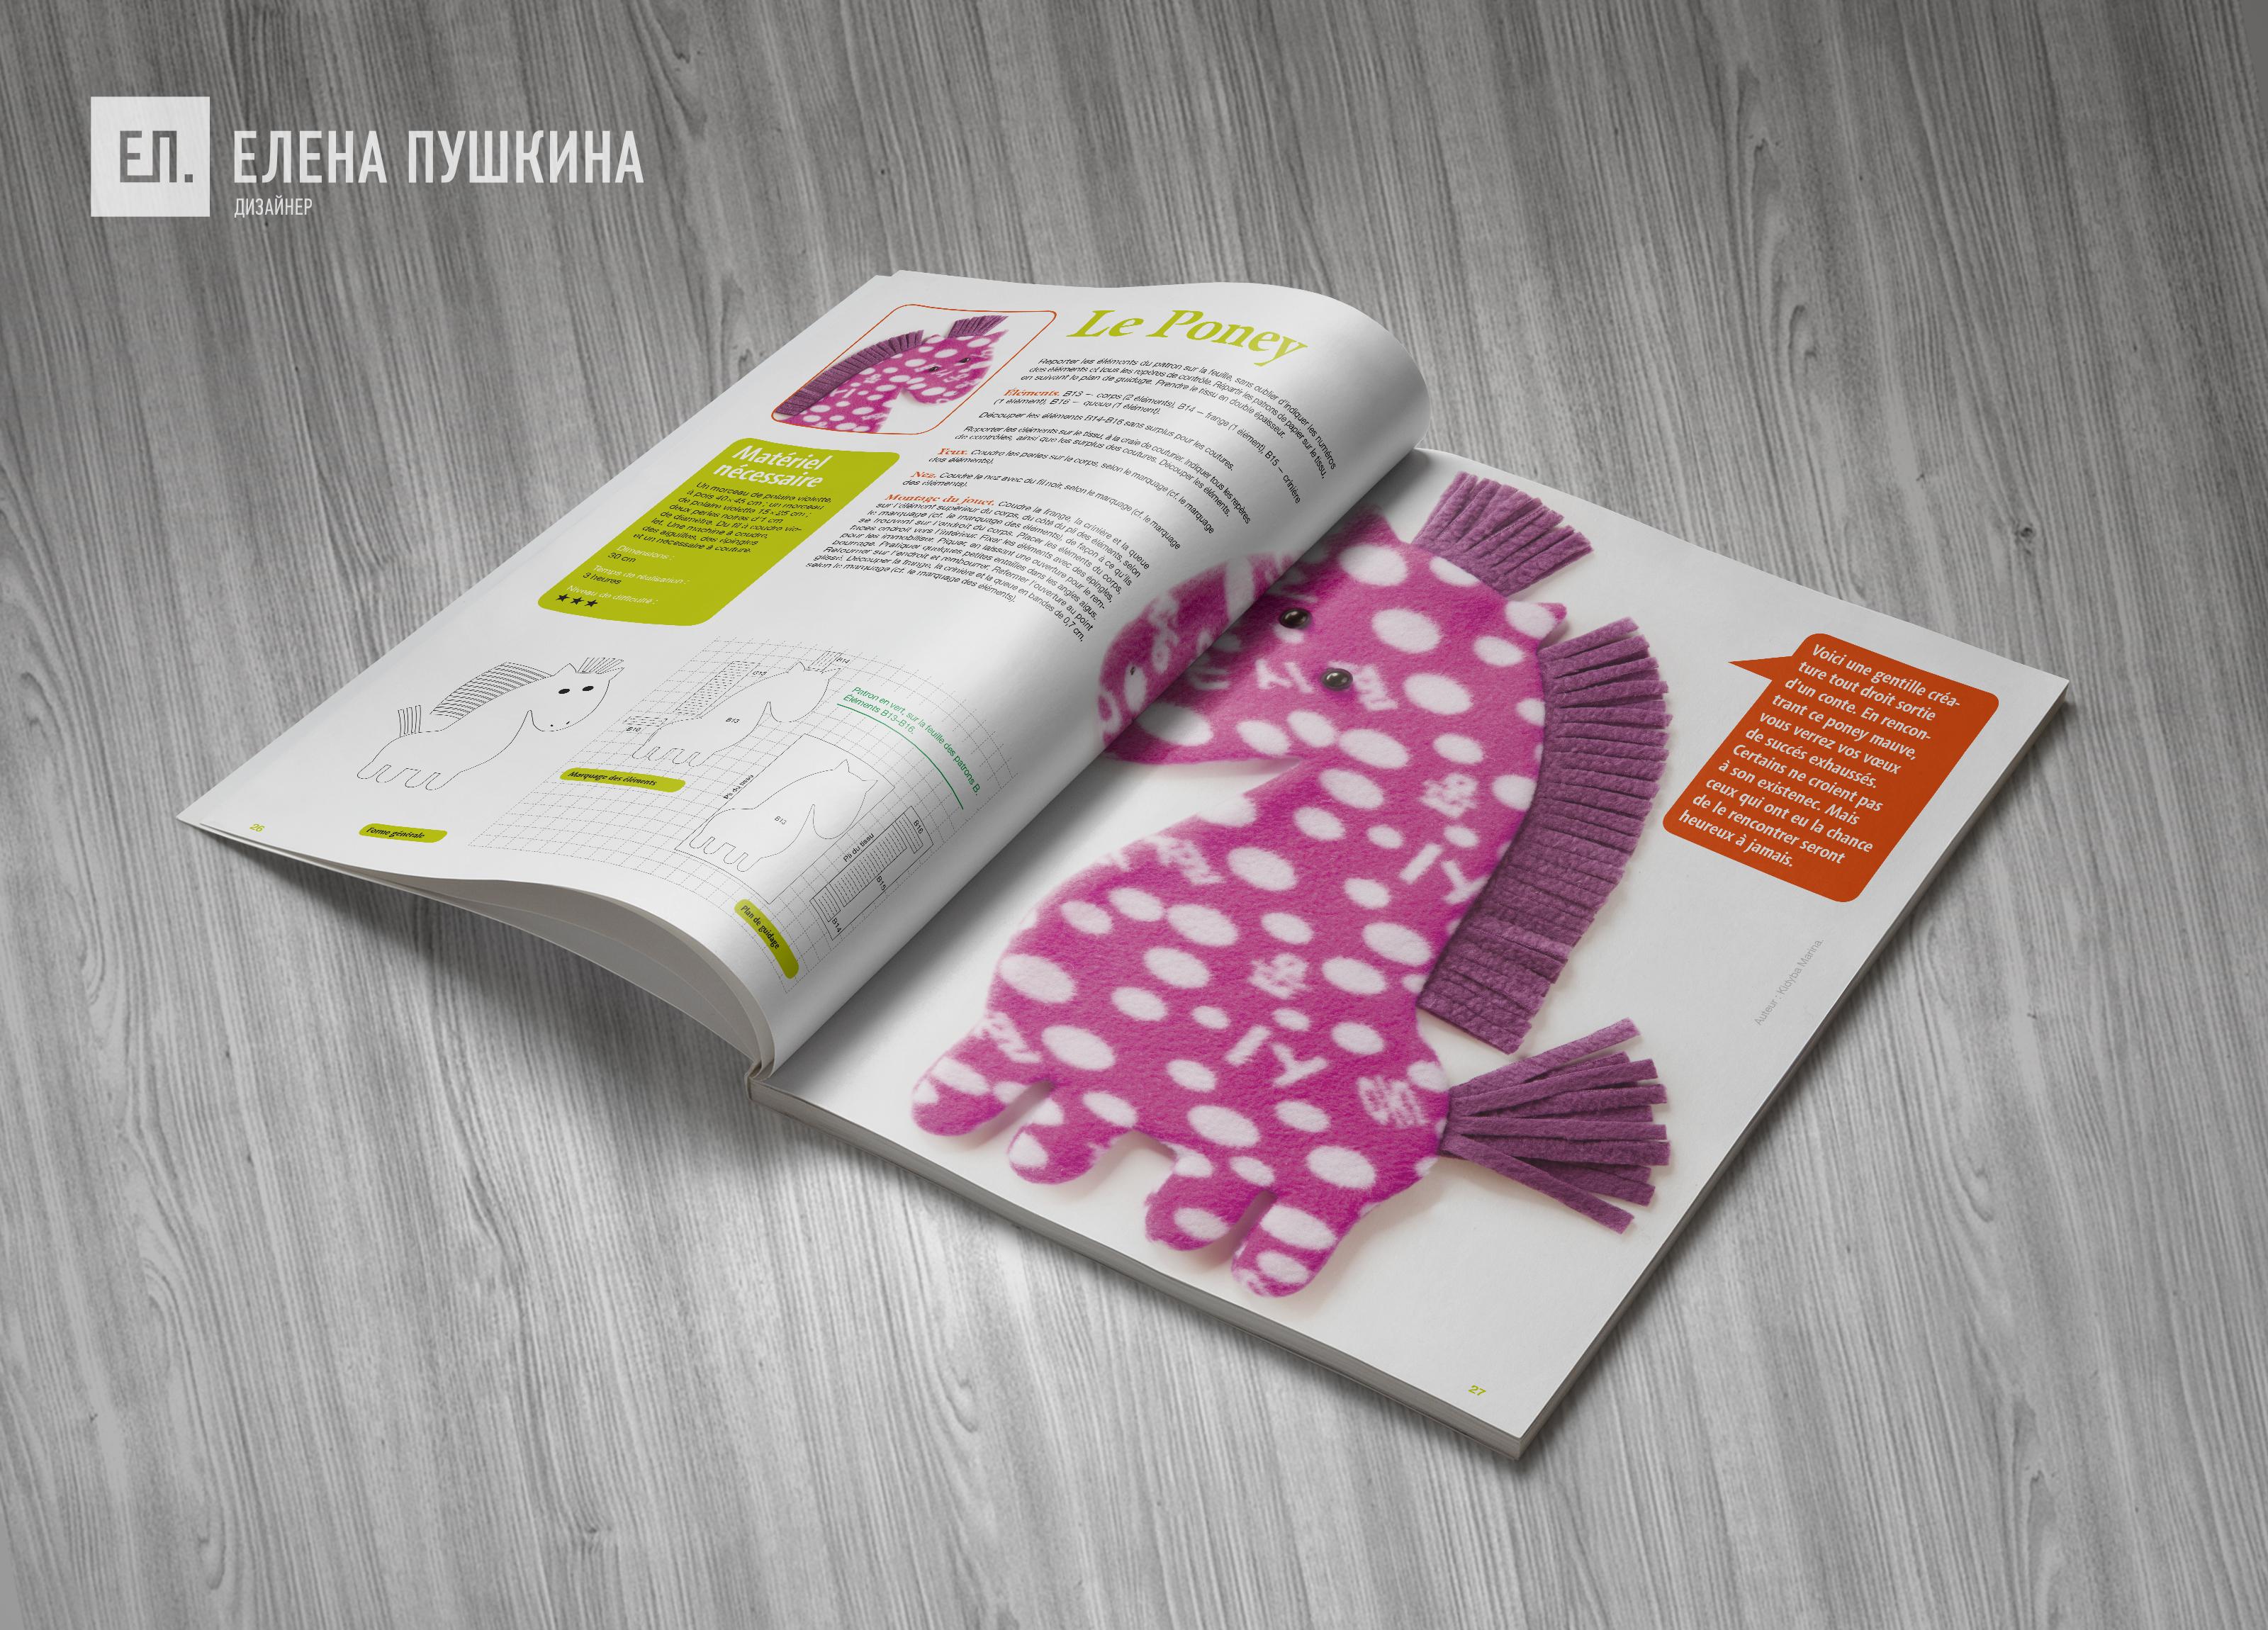 Журнал «Crazy Toys» 2012 для медиа холдинга «Multimedia Press» — разработка дизайна, цветокоррекция и вёрстка журнала Разработка журналов Портфолио